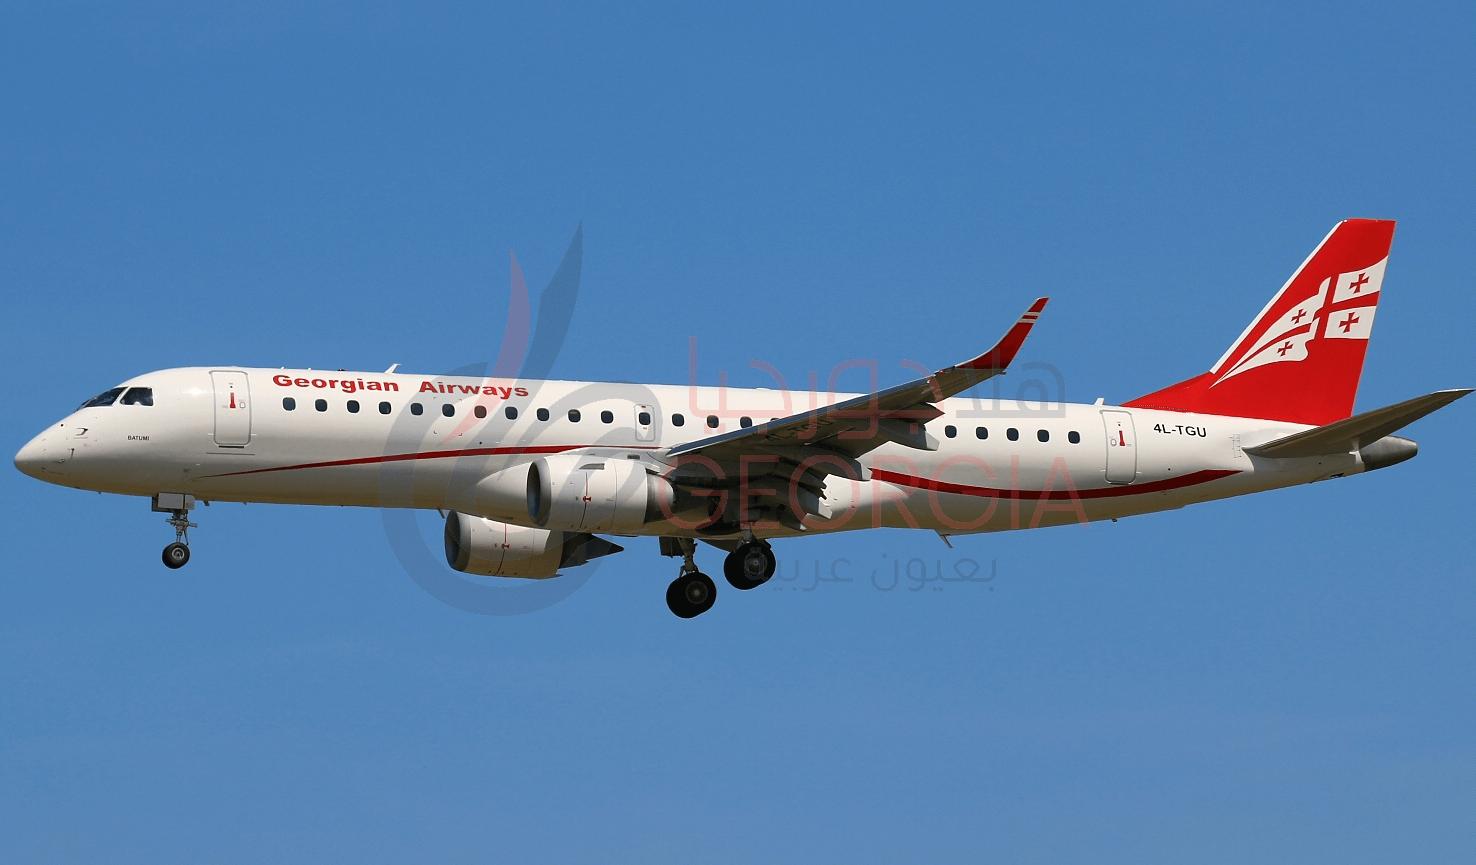 الخطوط الوطنية الجورجية Georgian Airways